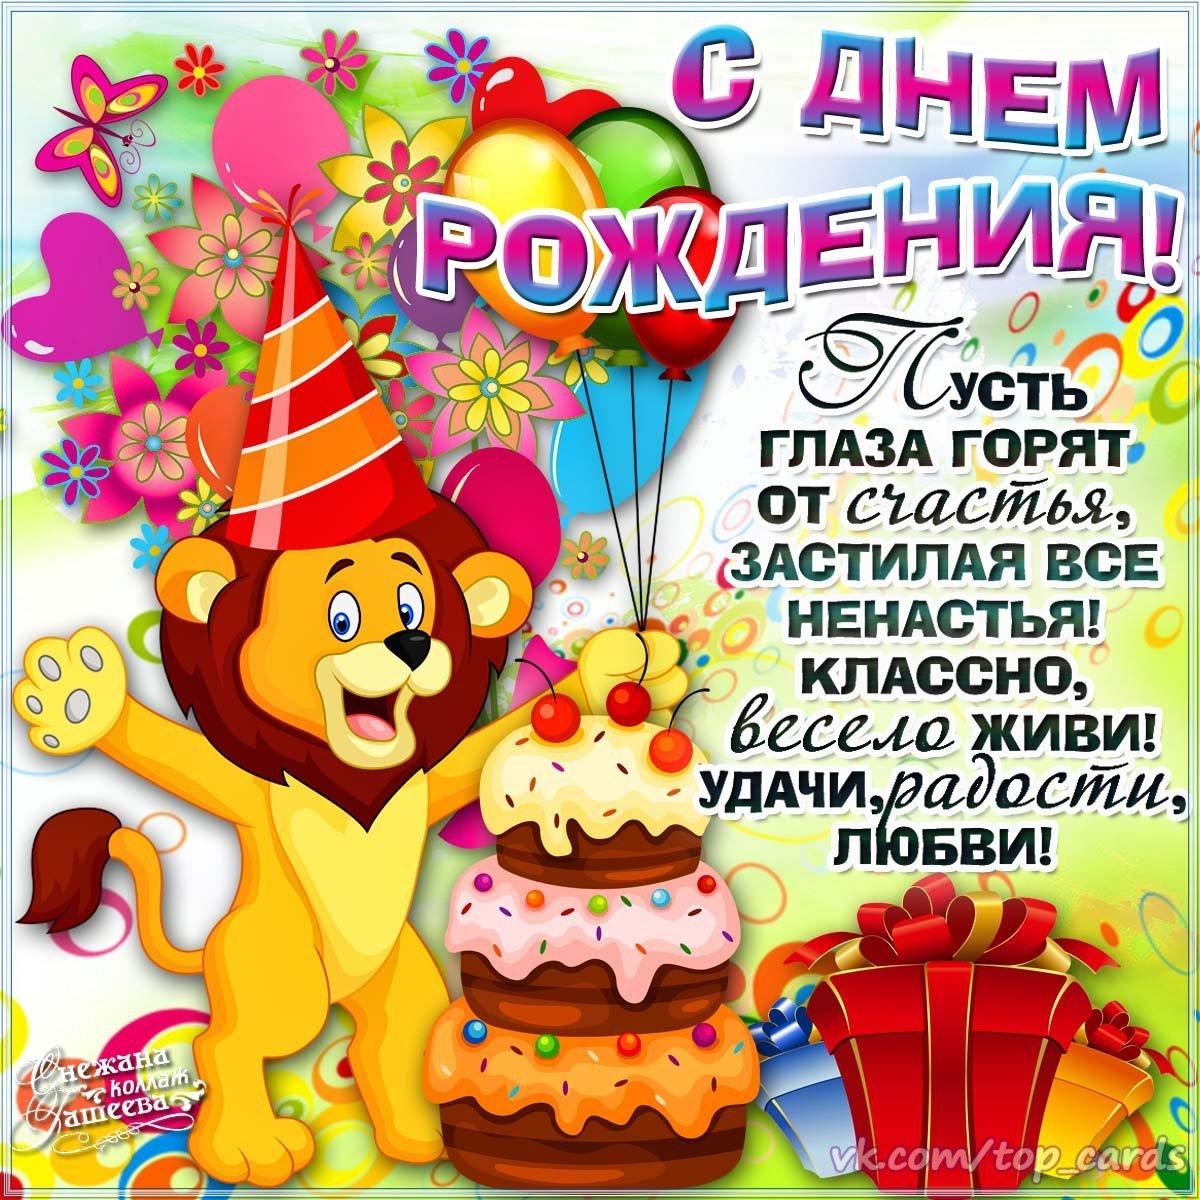 Создать онлайн поздравление с днем рождения детям